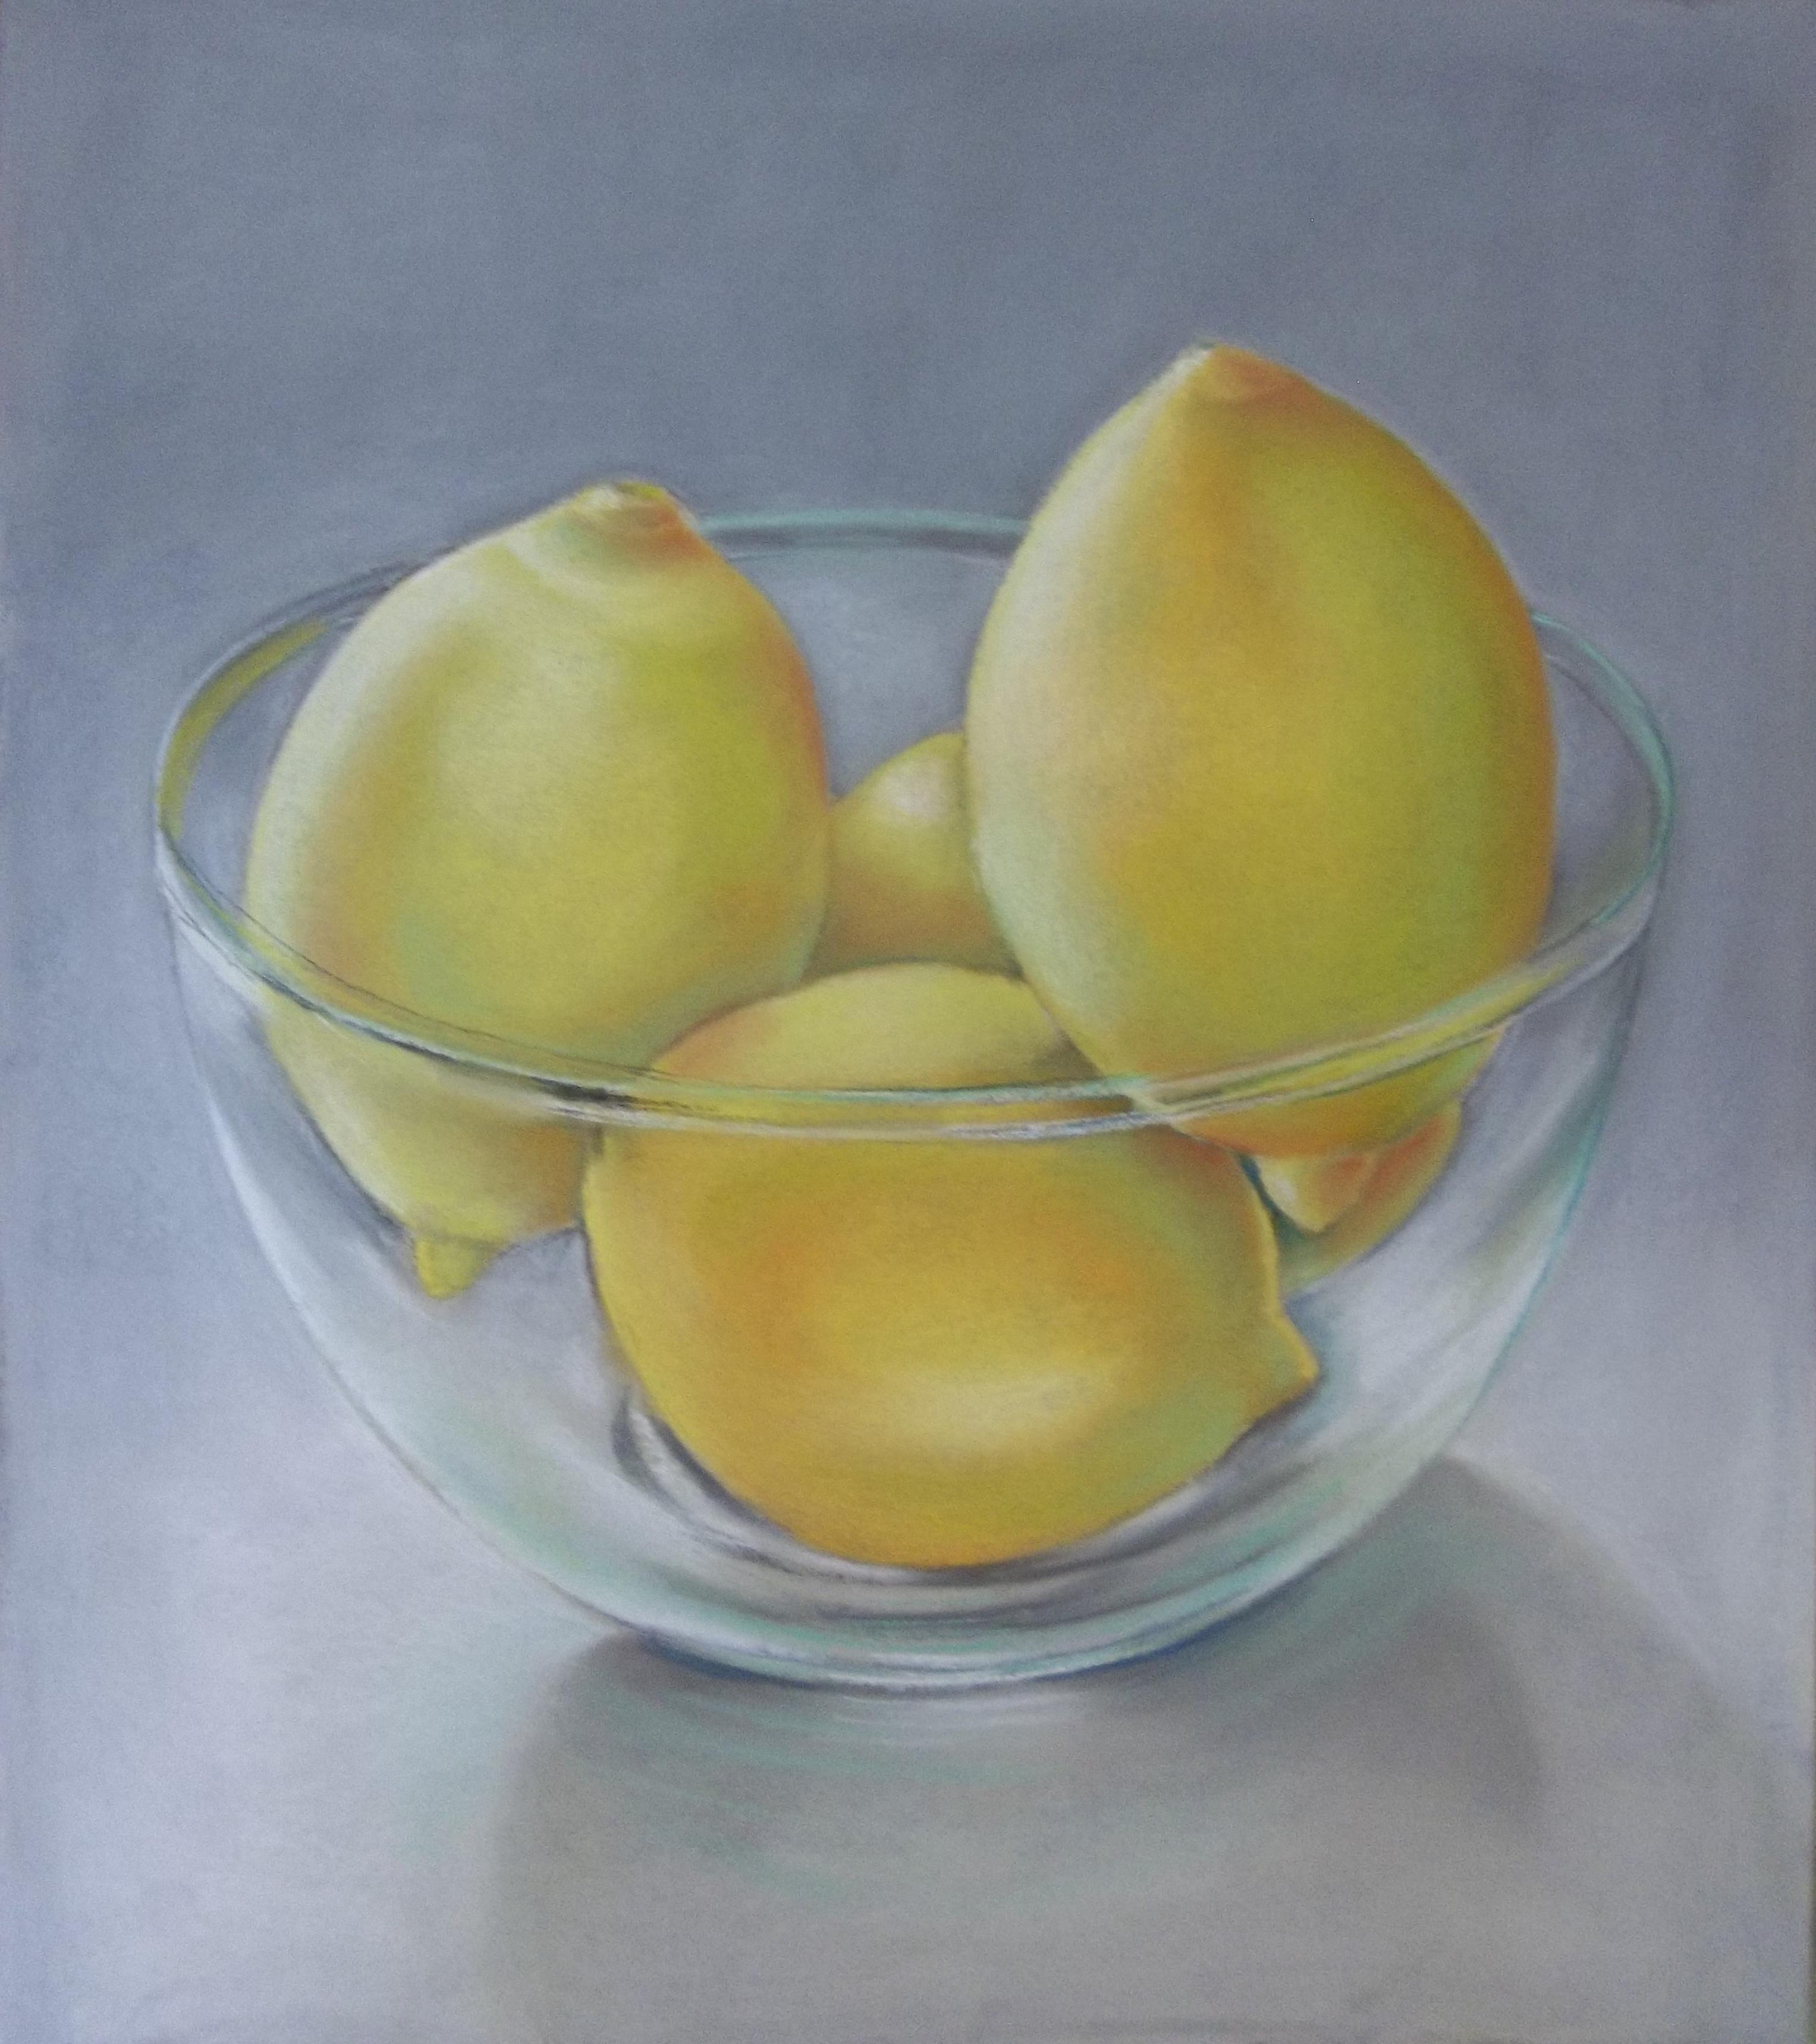 Glass Bowl of Lemons